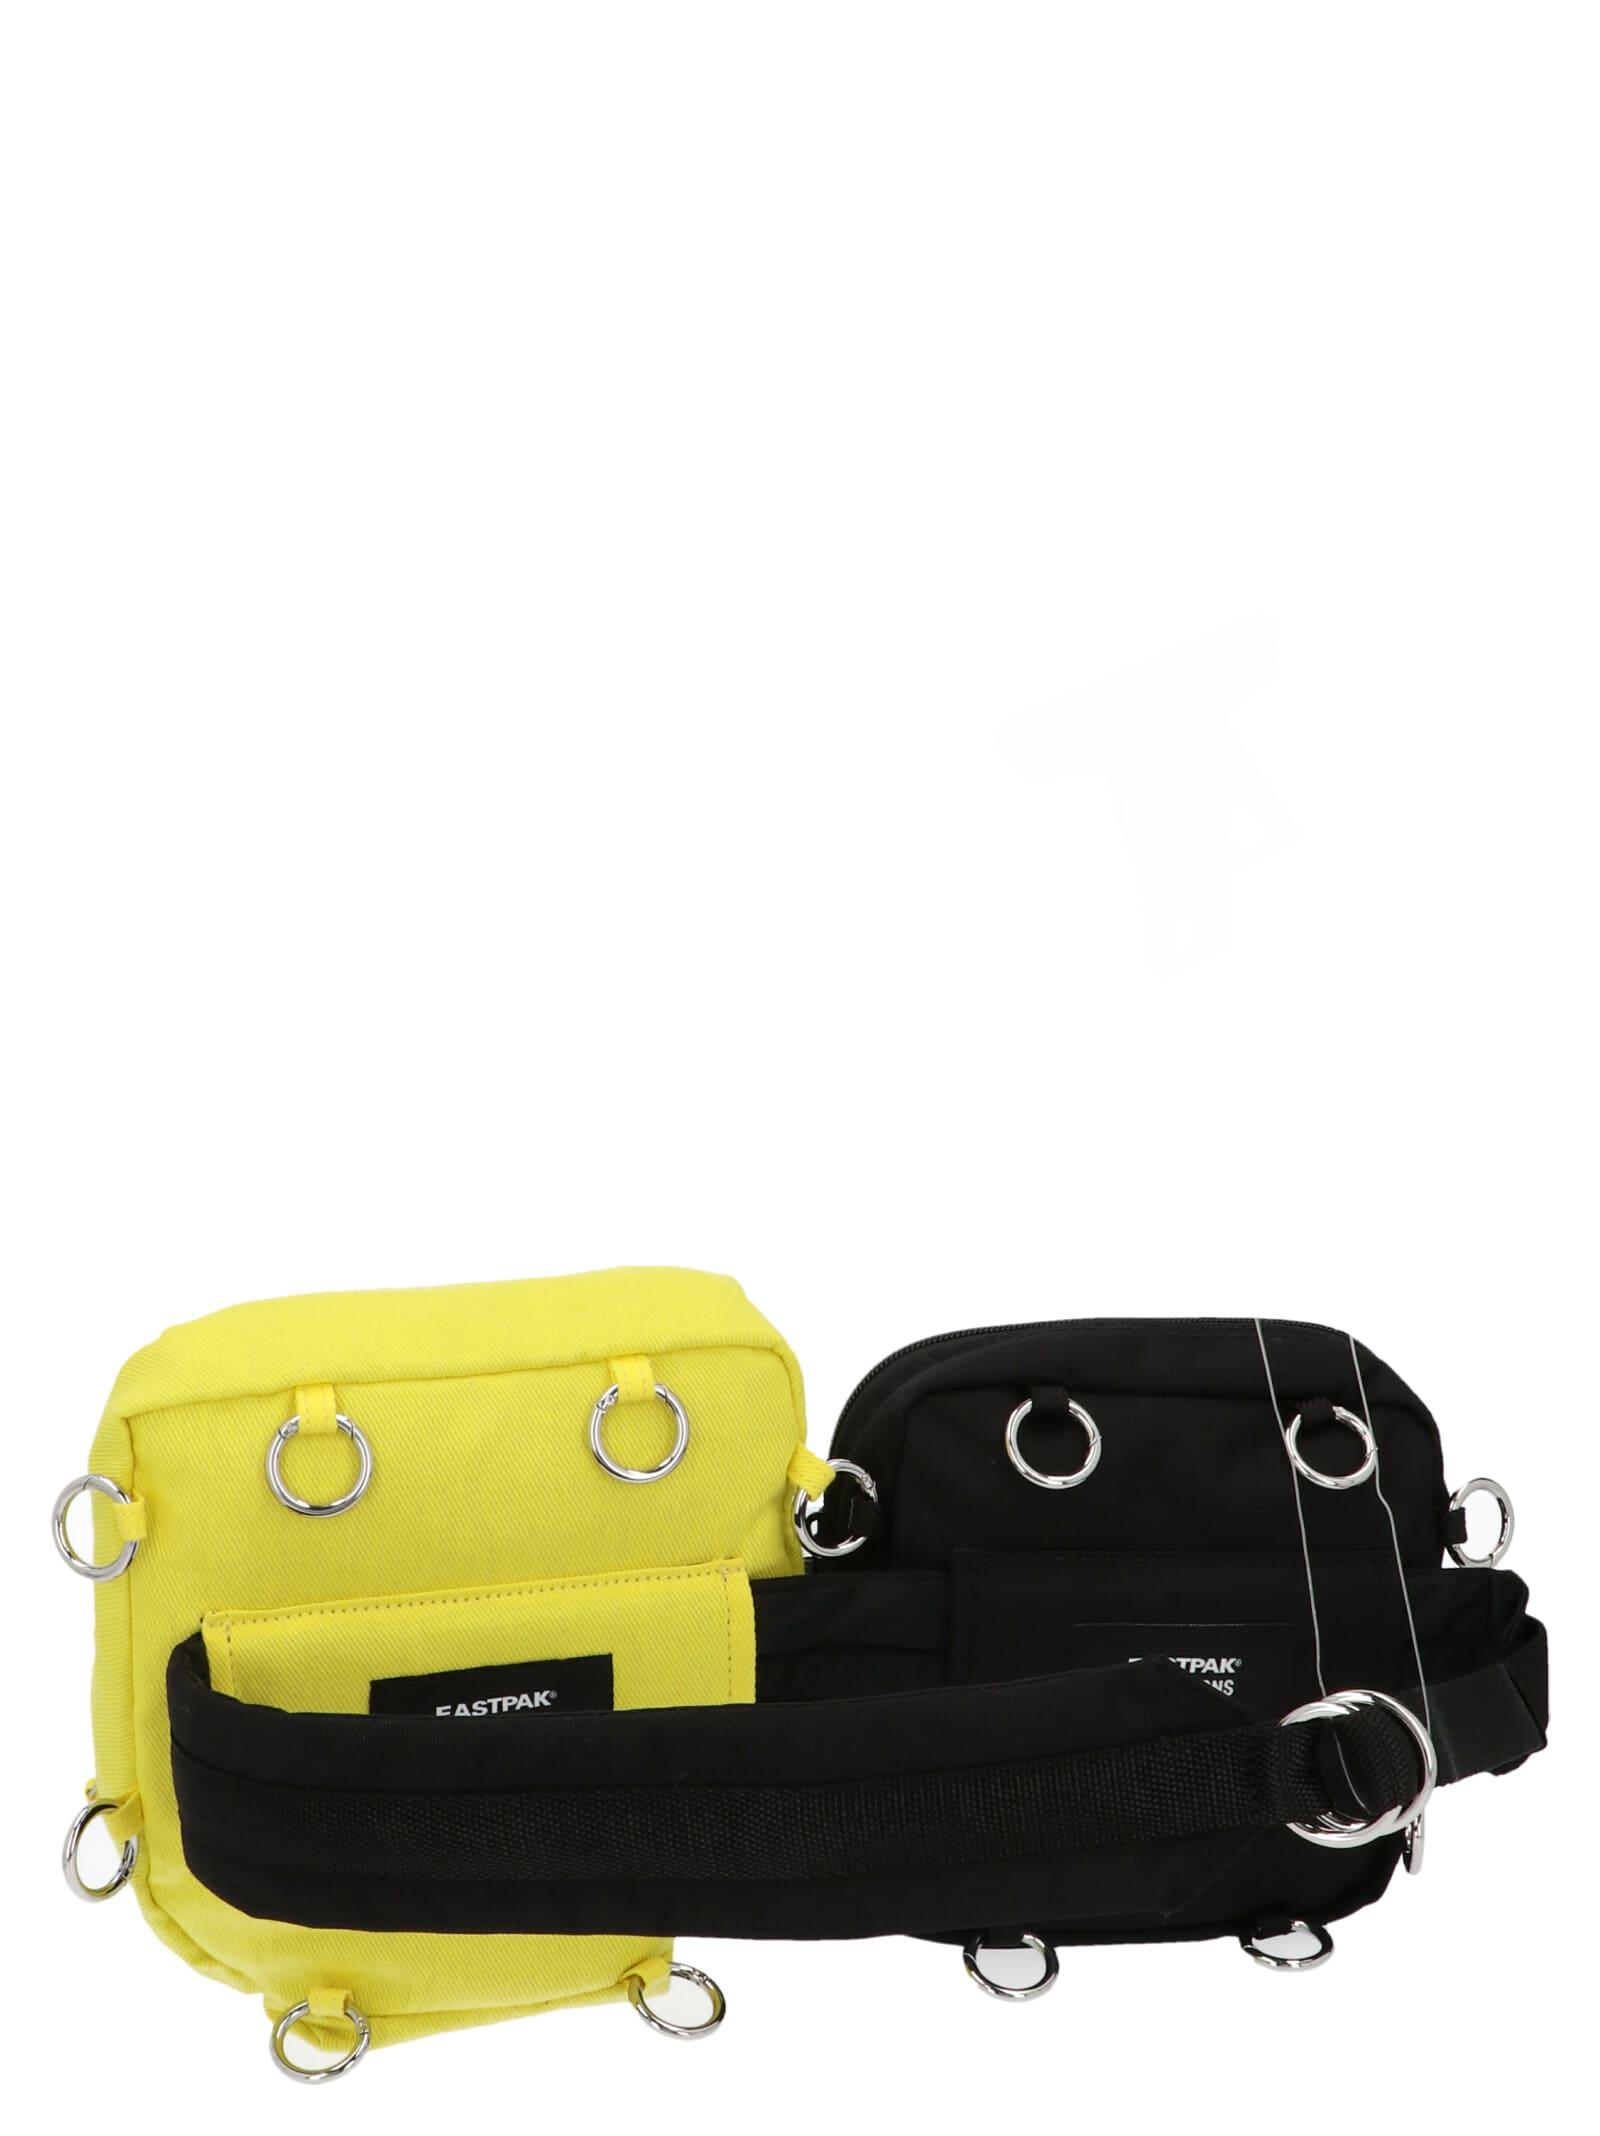 waist Loop Bag